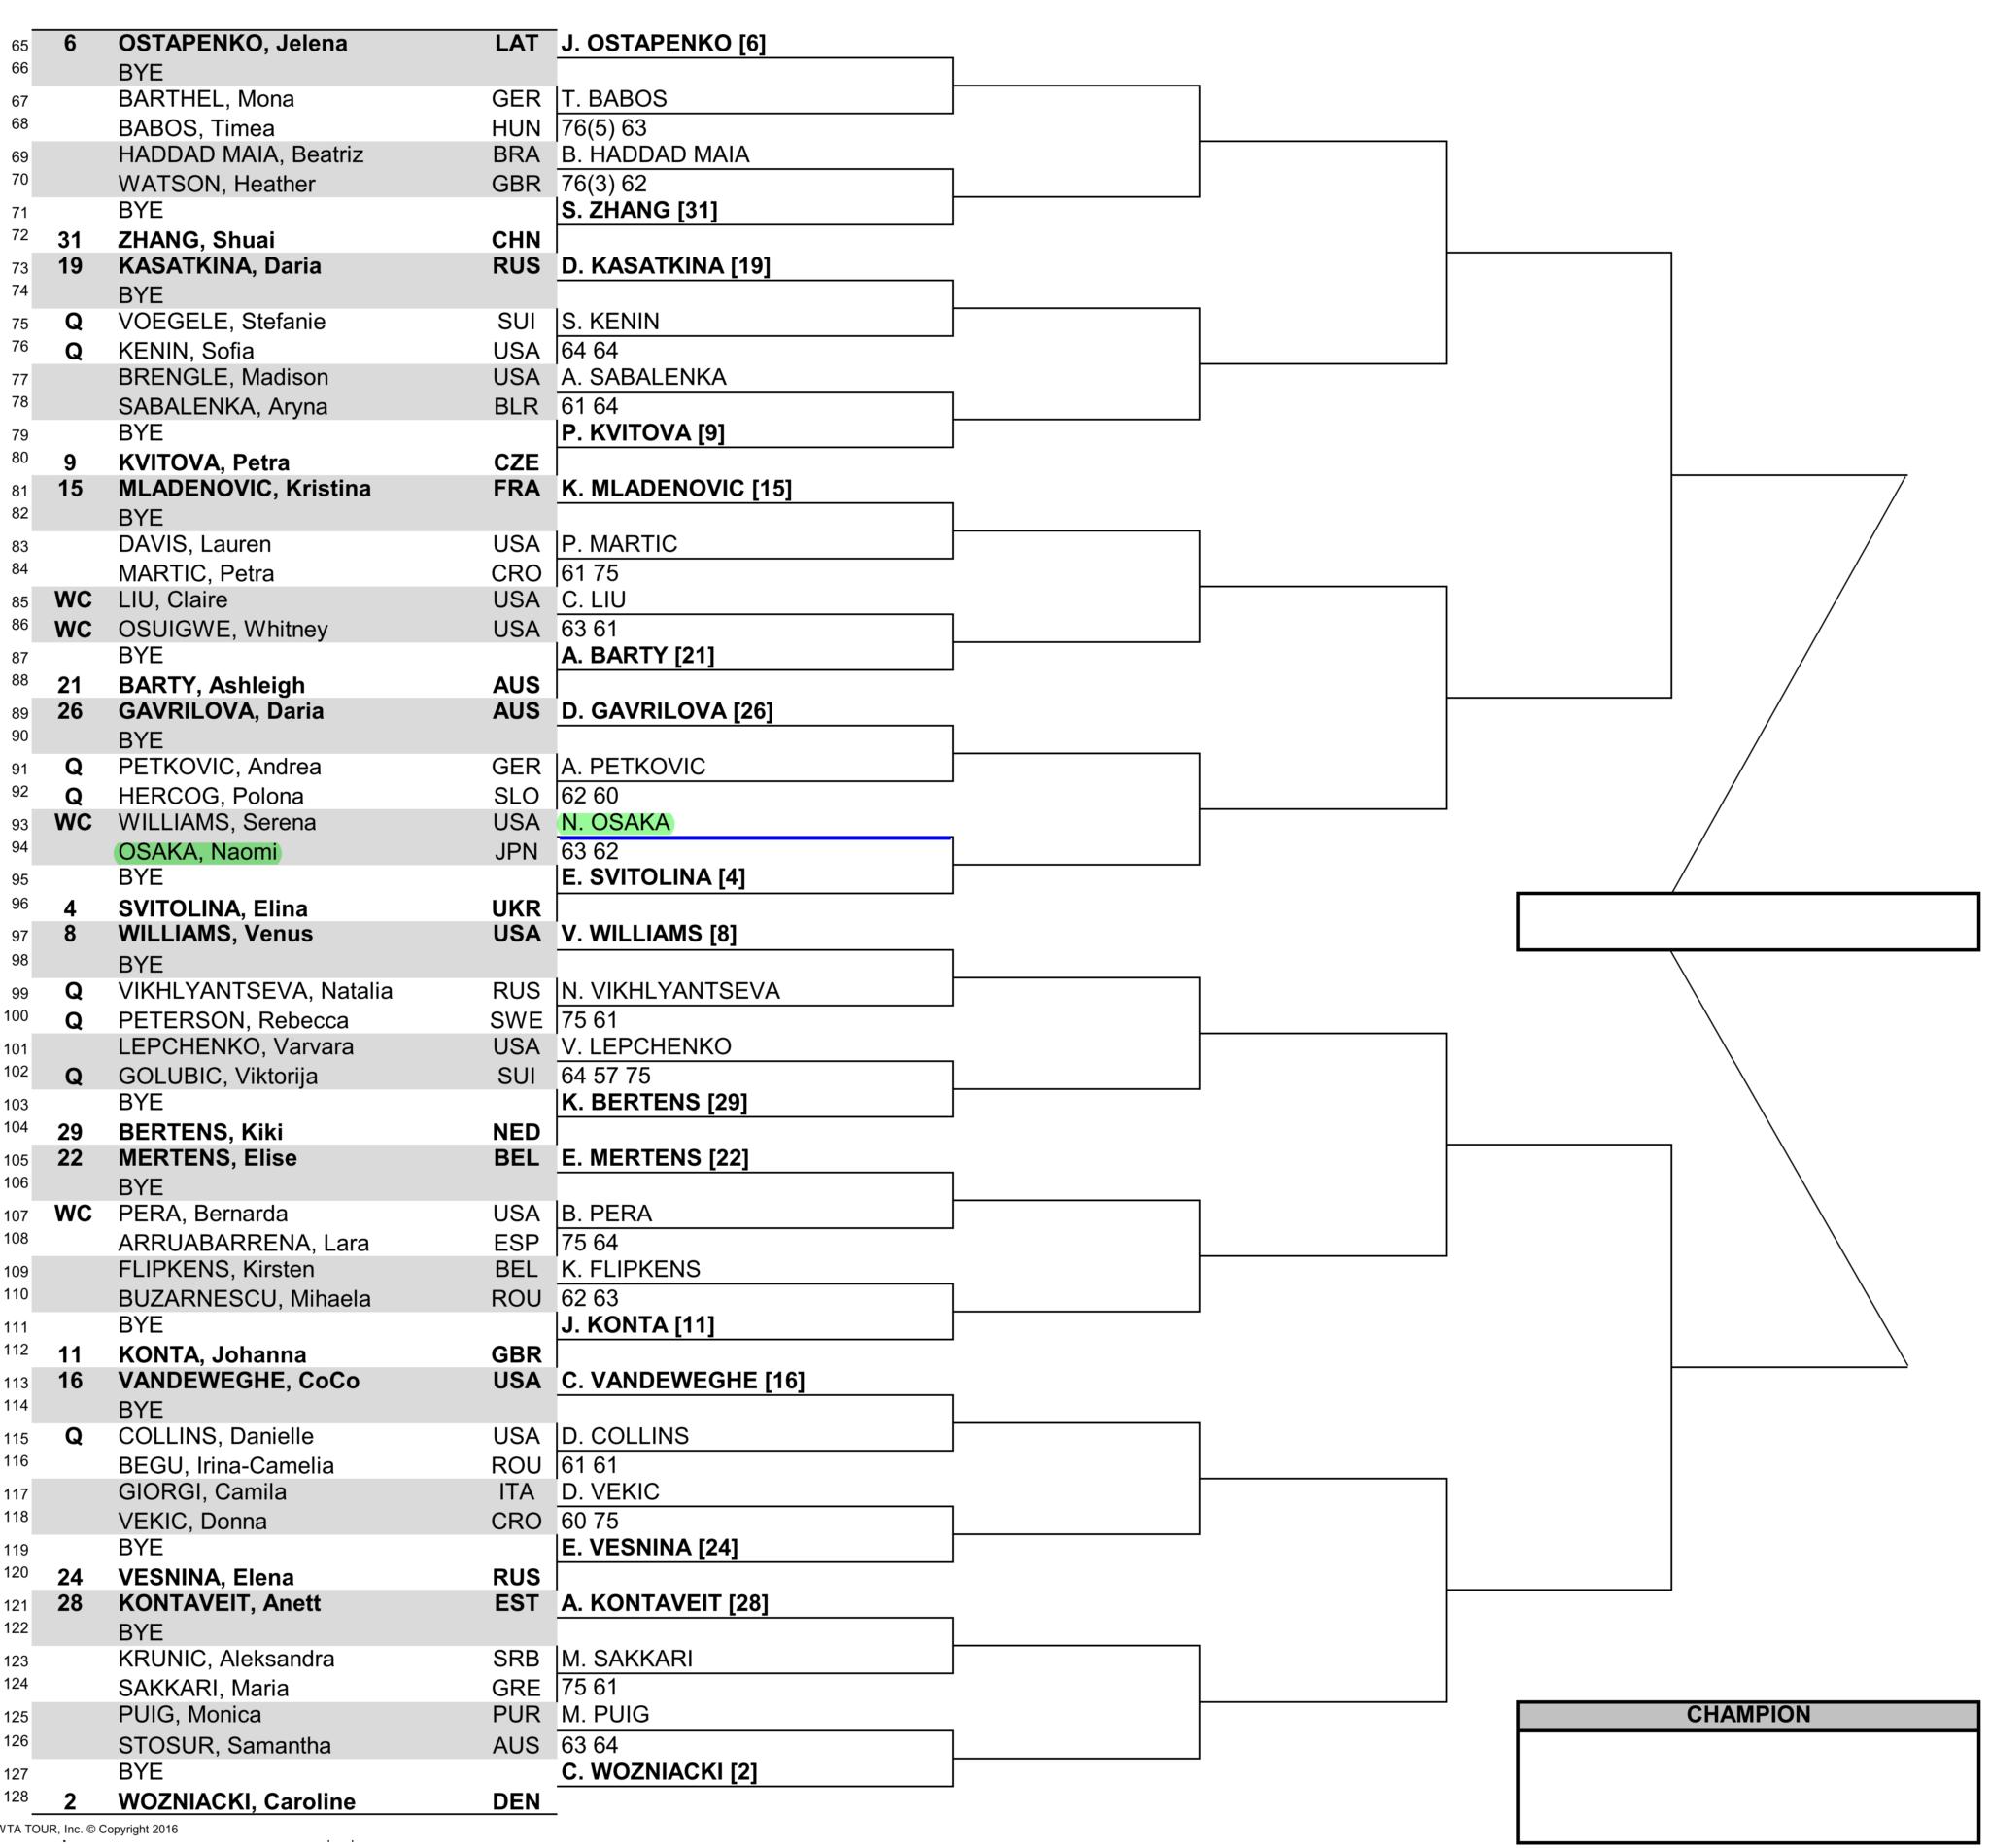 女子マイアミオープン2018ドロー(トーナメント表)ボトムハーフ